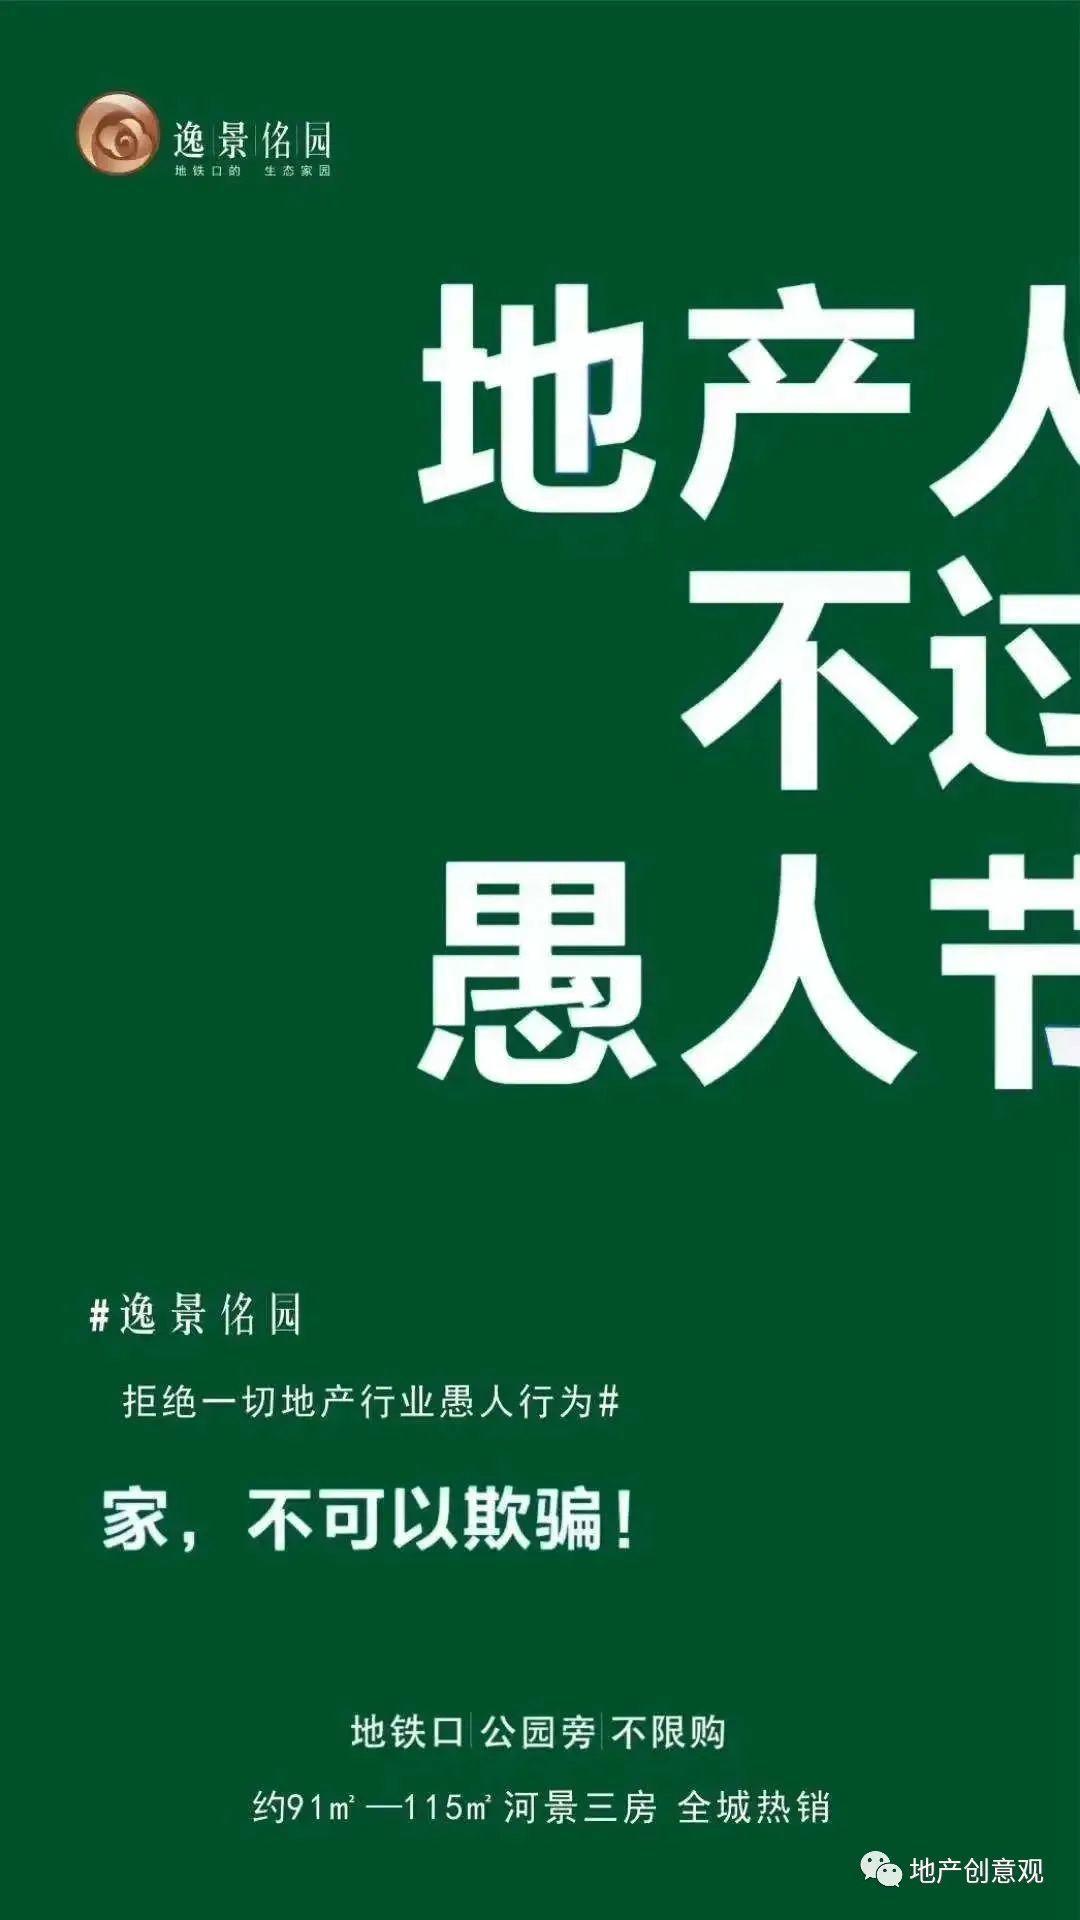 地产广告丨2021愚人节借势海报文案欣赏~插图91